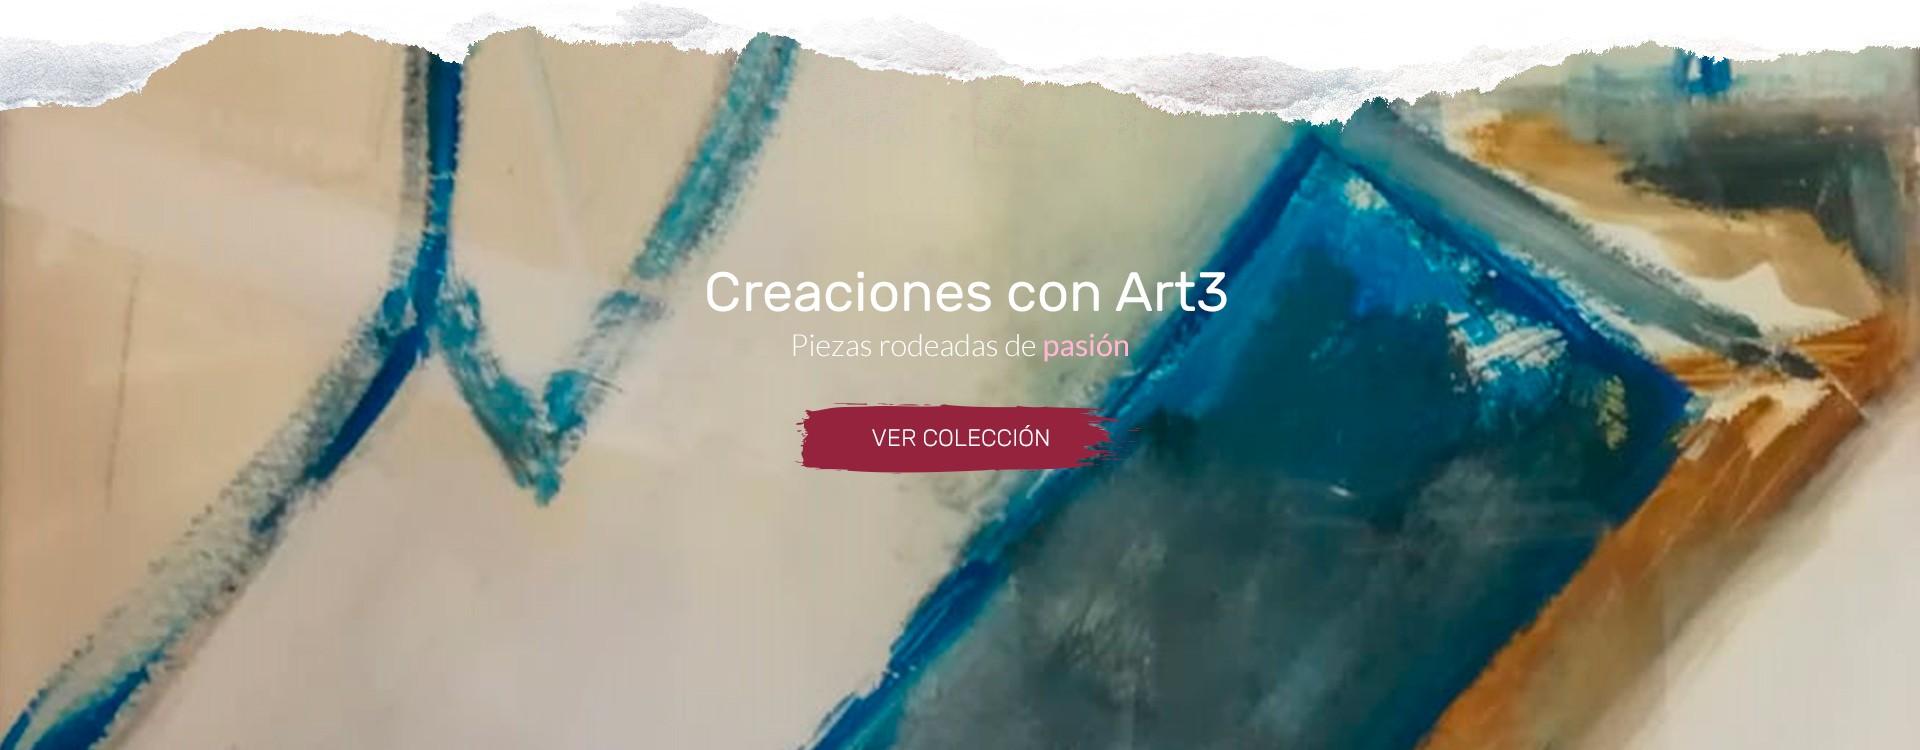 Creaciones con Art3